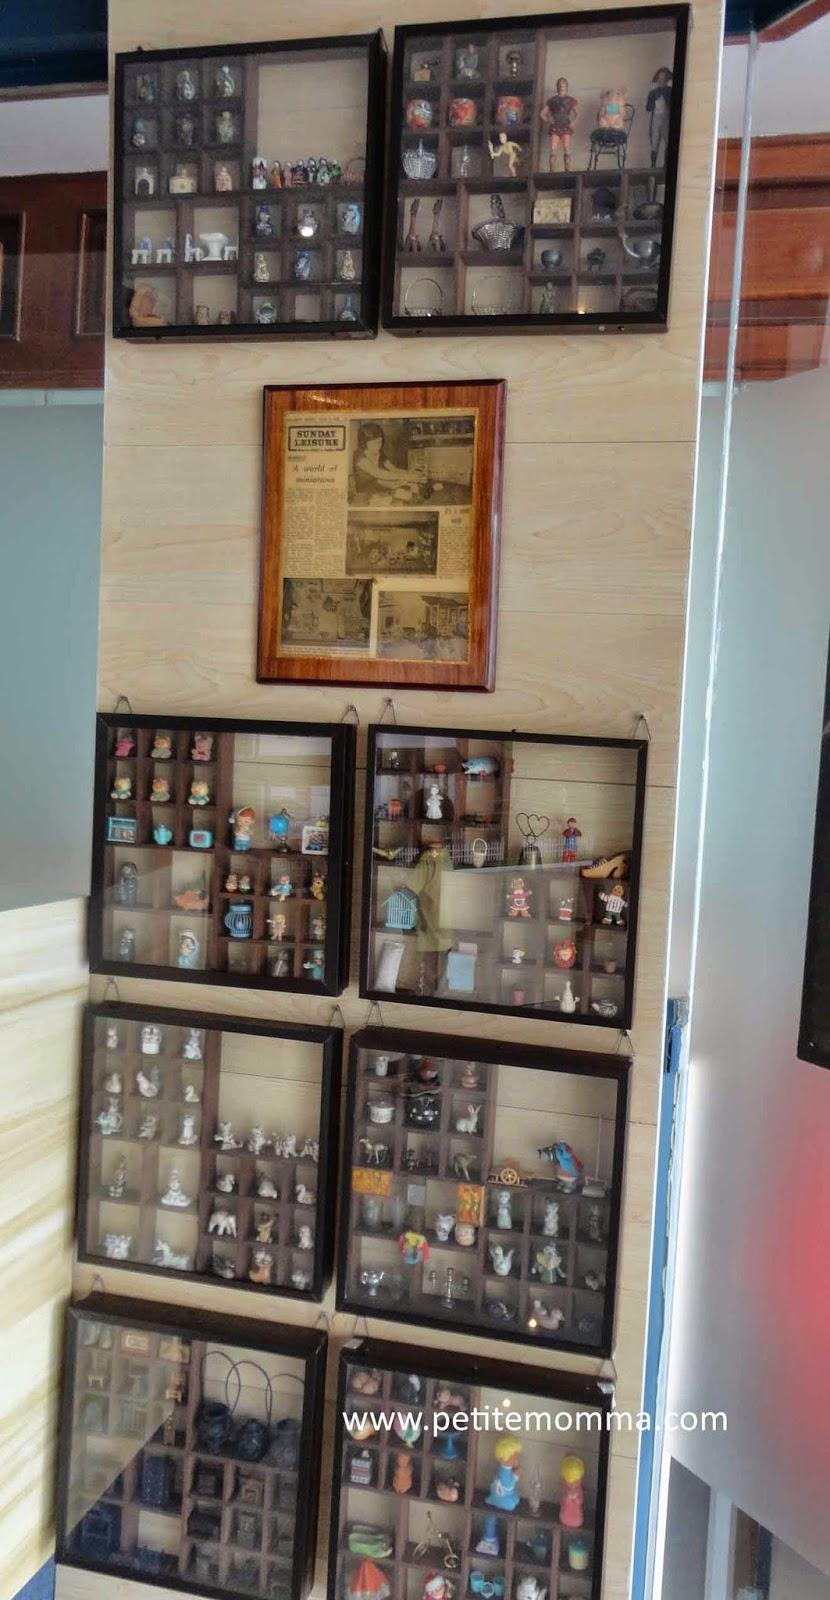 marikina museum